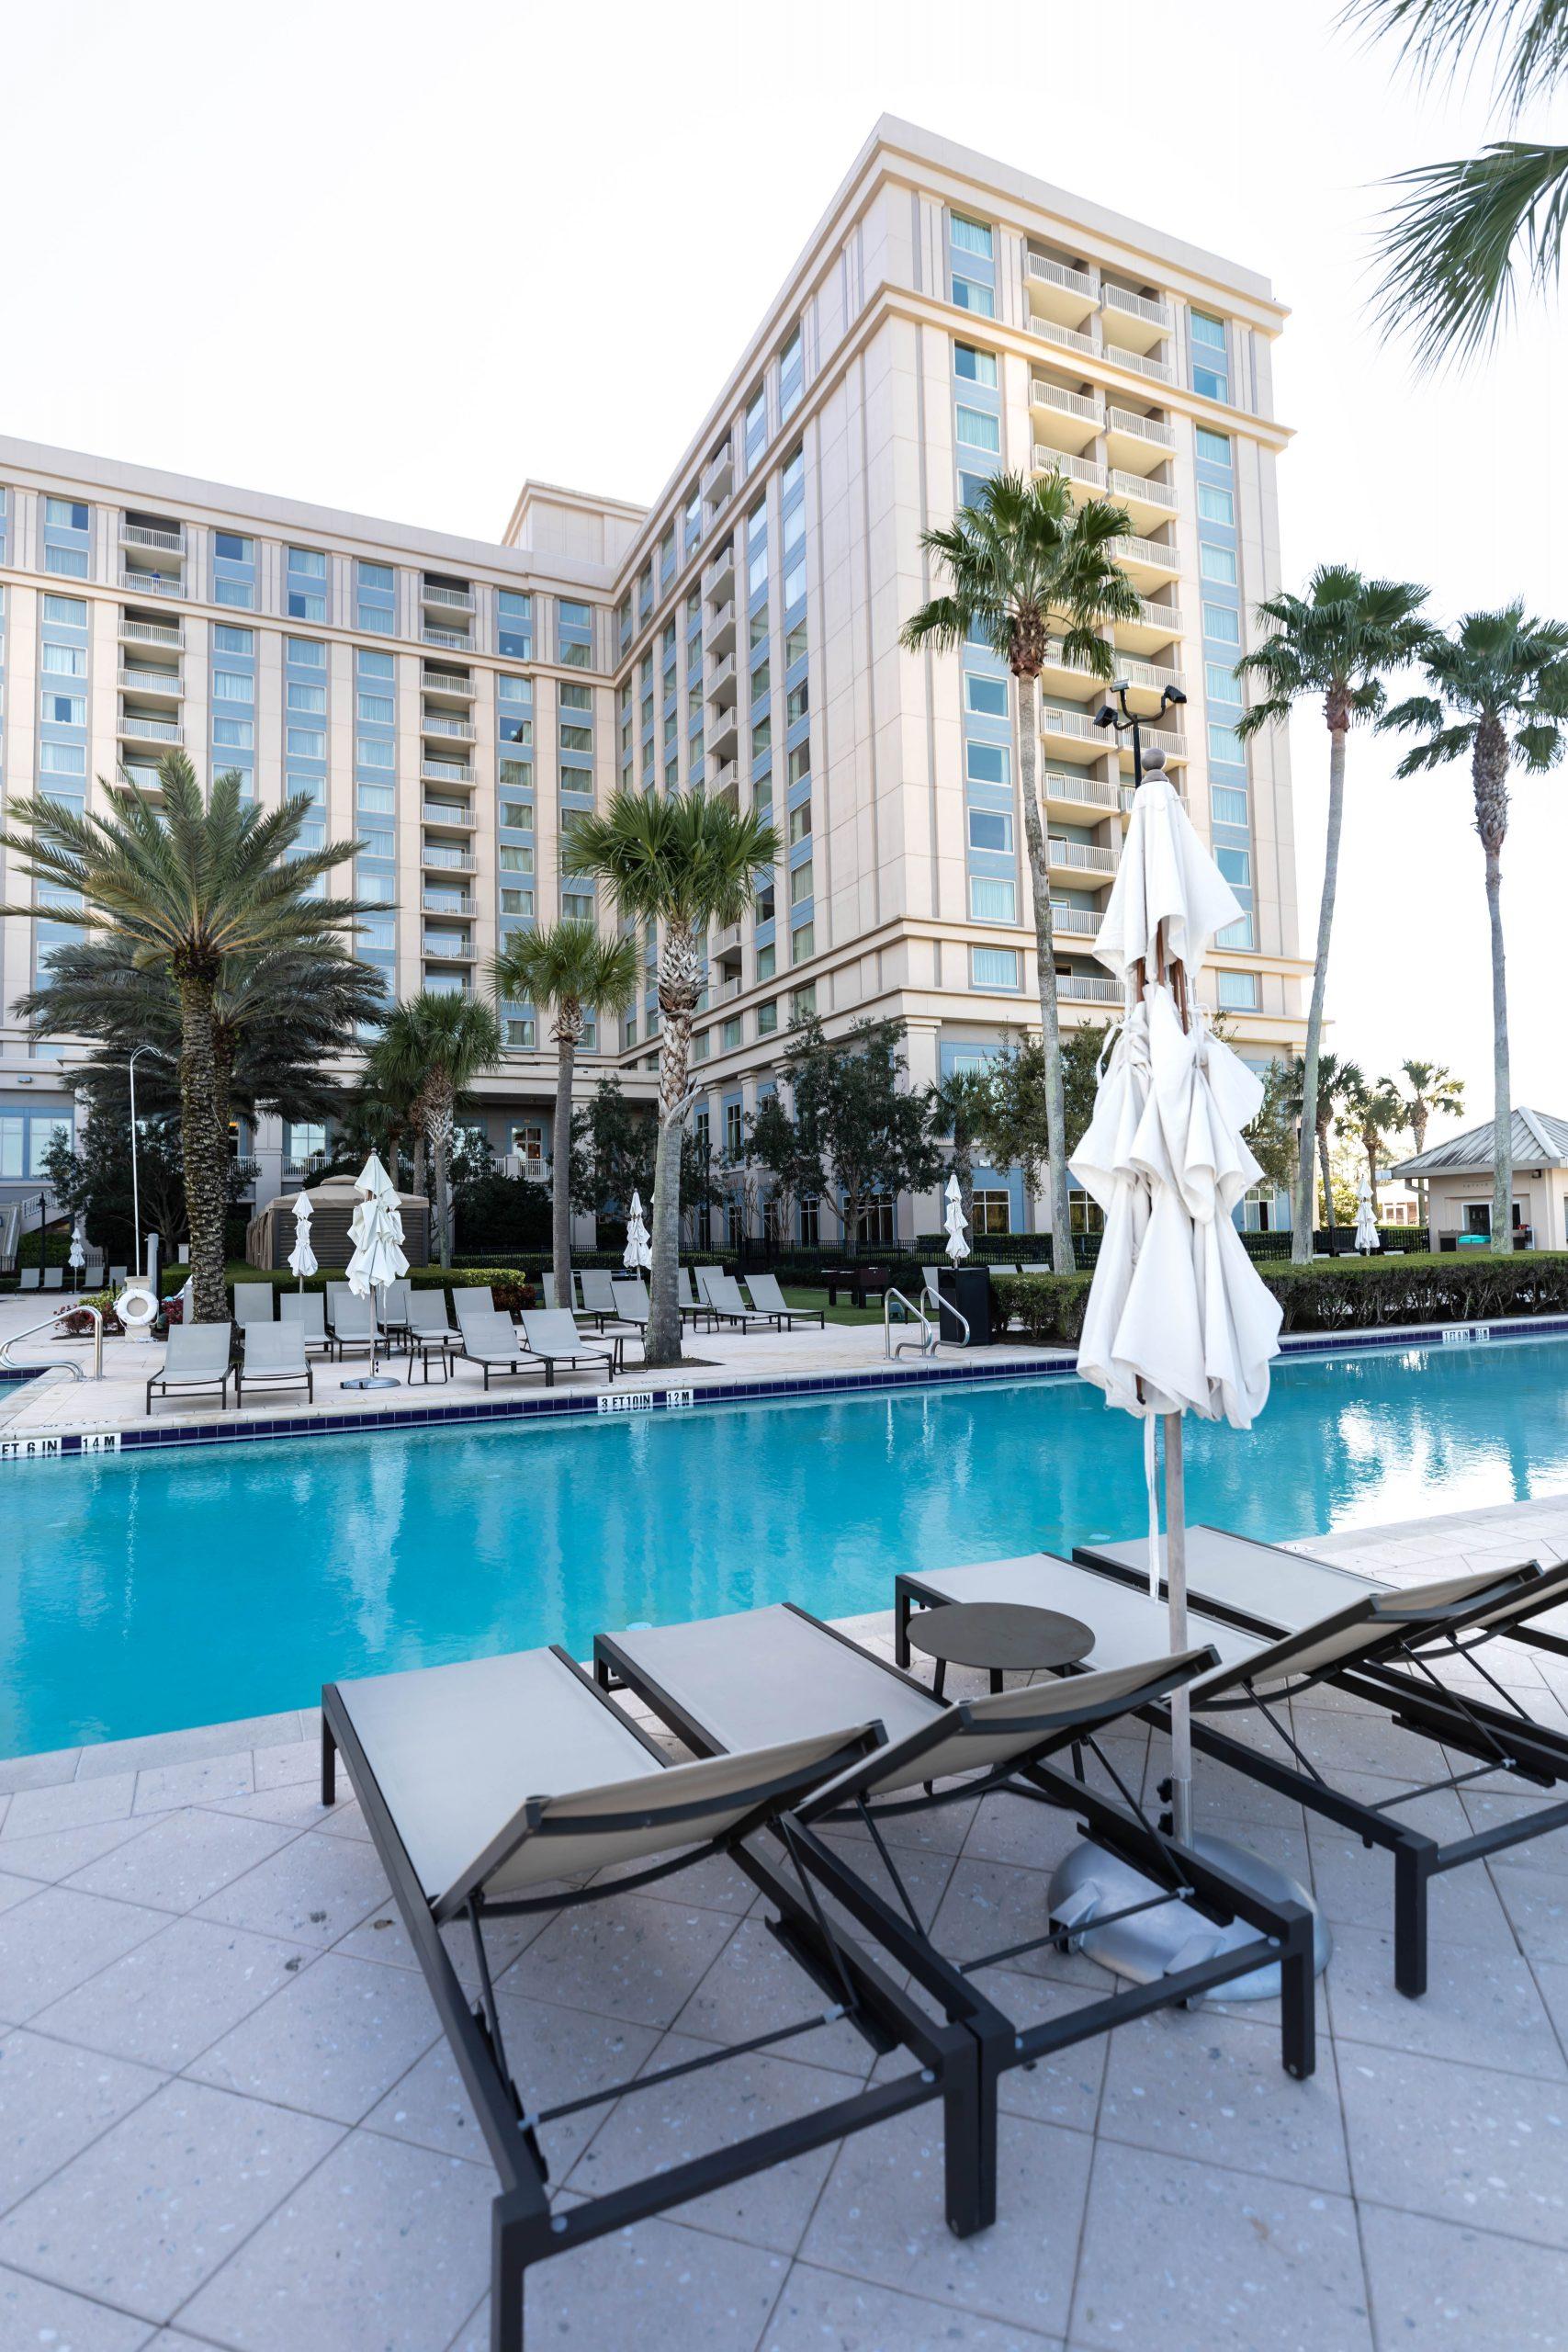 Aquamarine Restaurant Waldorf Astoria Orlando Poolside Restaurant in Orlando Florida by Annie Fairfax